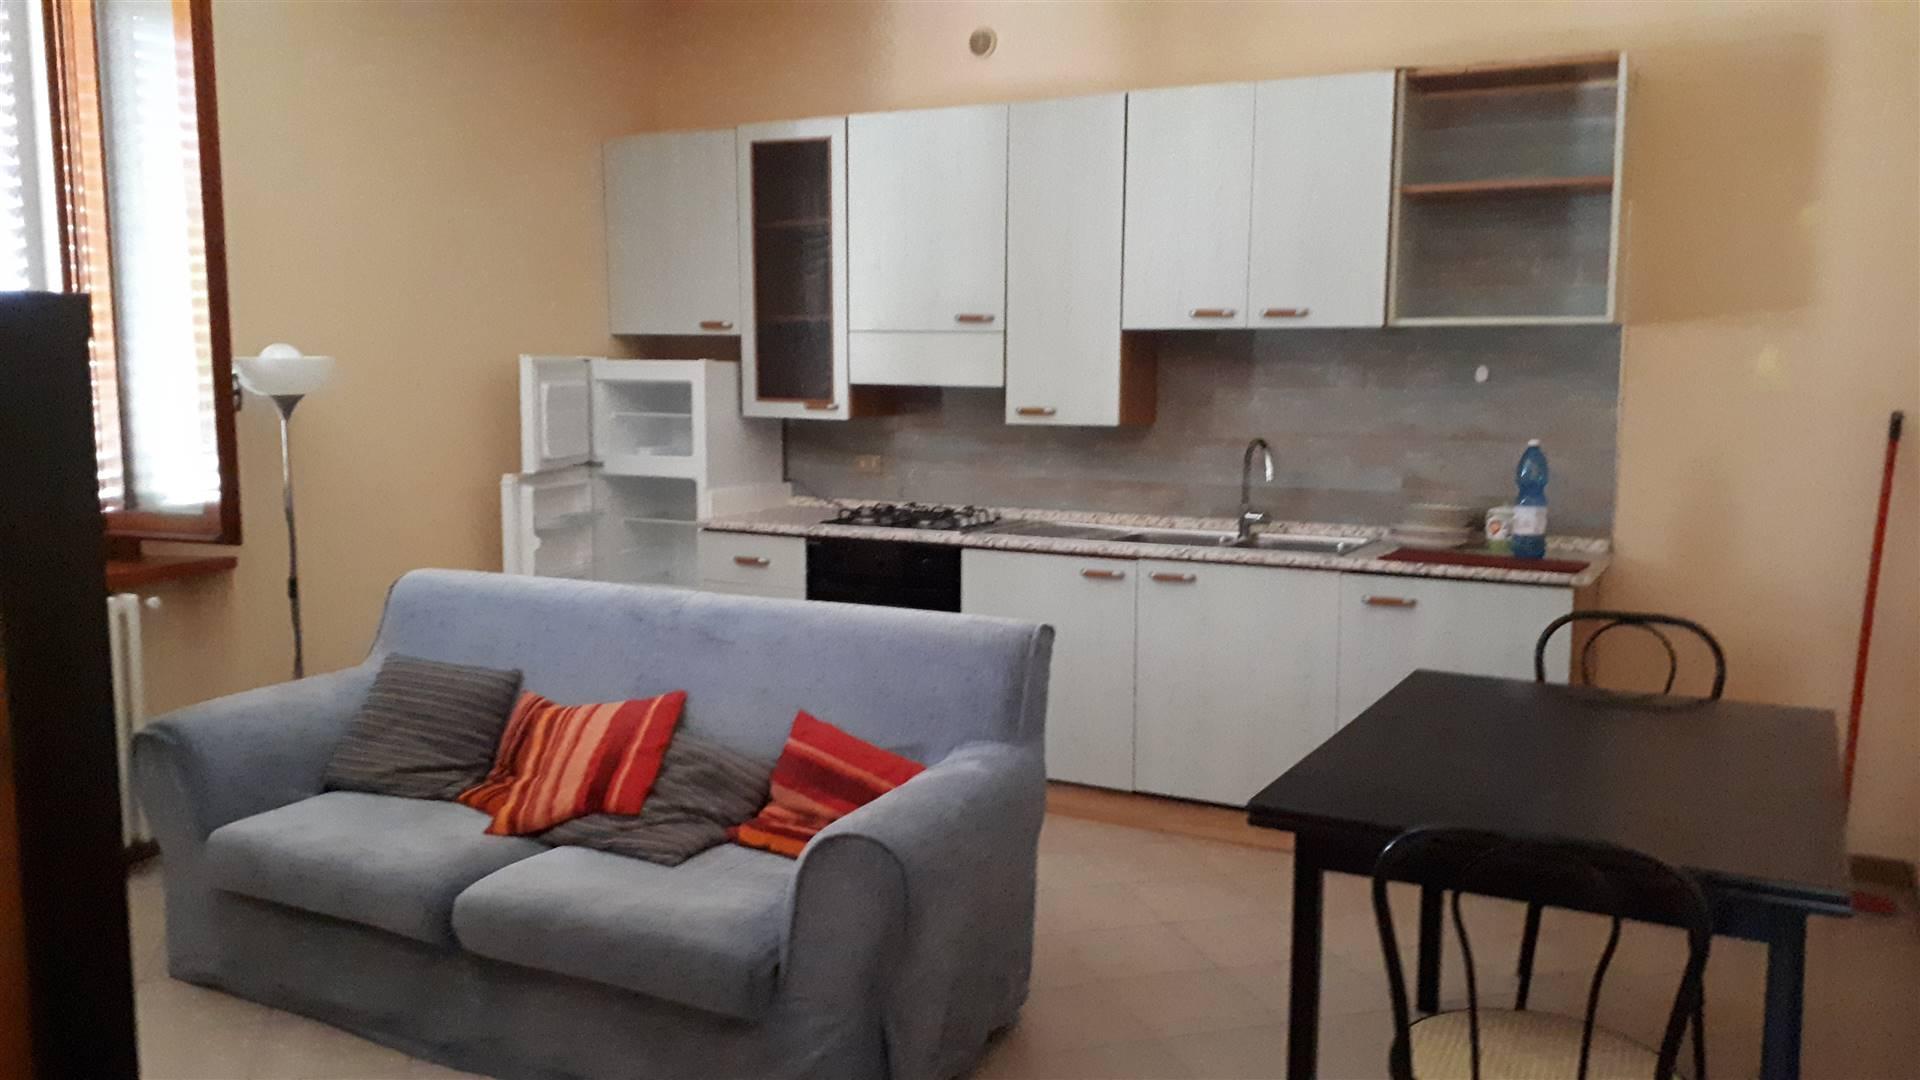 COLONNA, PIEVE A NIEVOLE, Appartamento in affitto di 45 Mq, Buone condizioni, Riscaldamento Autonomo, Classe energetica: G, Epi: 175 kwh/m2 anno,